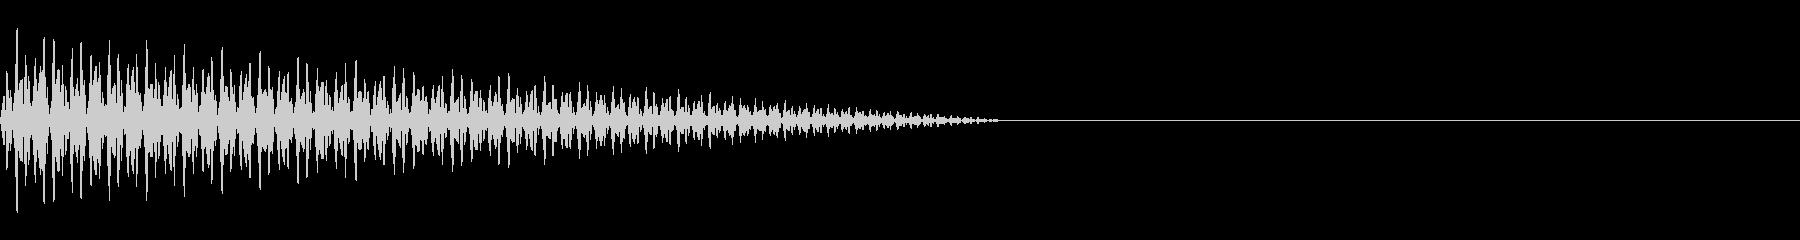 ボーワ(ジャンプ/ファミコン/落下/踏むの未再生の波形